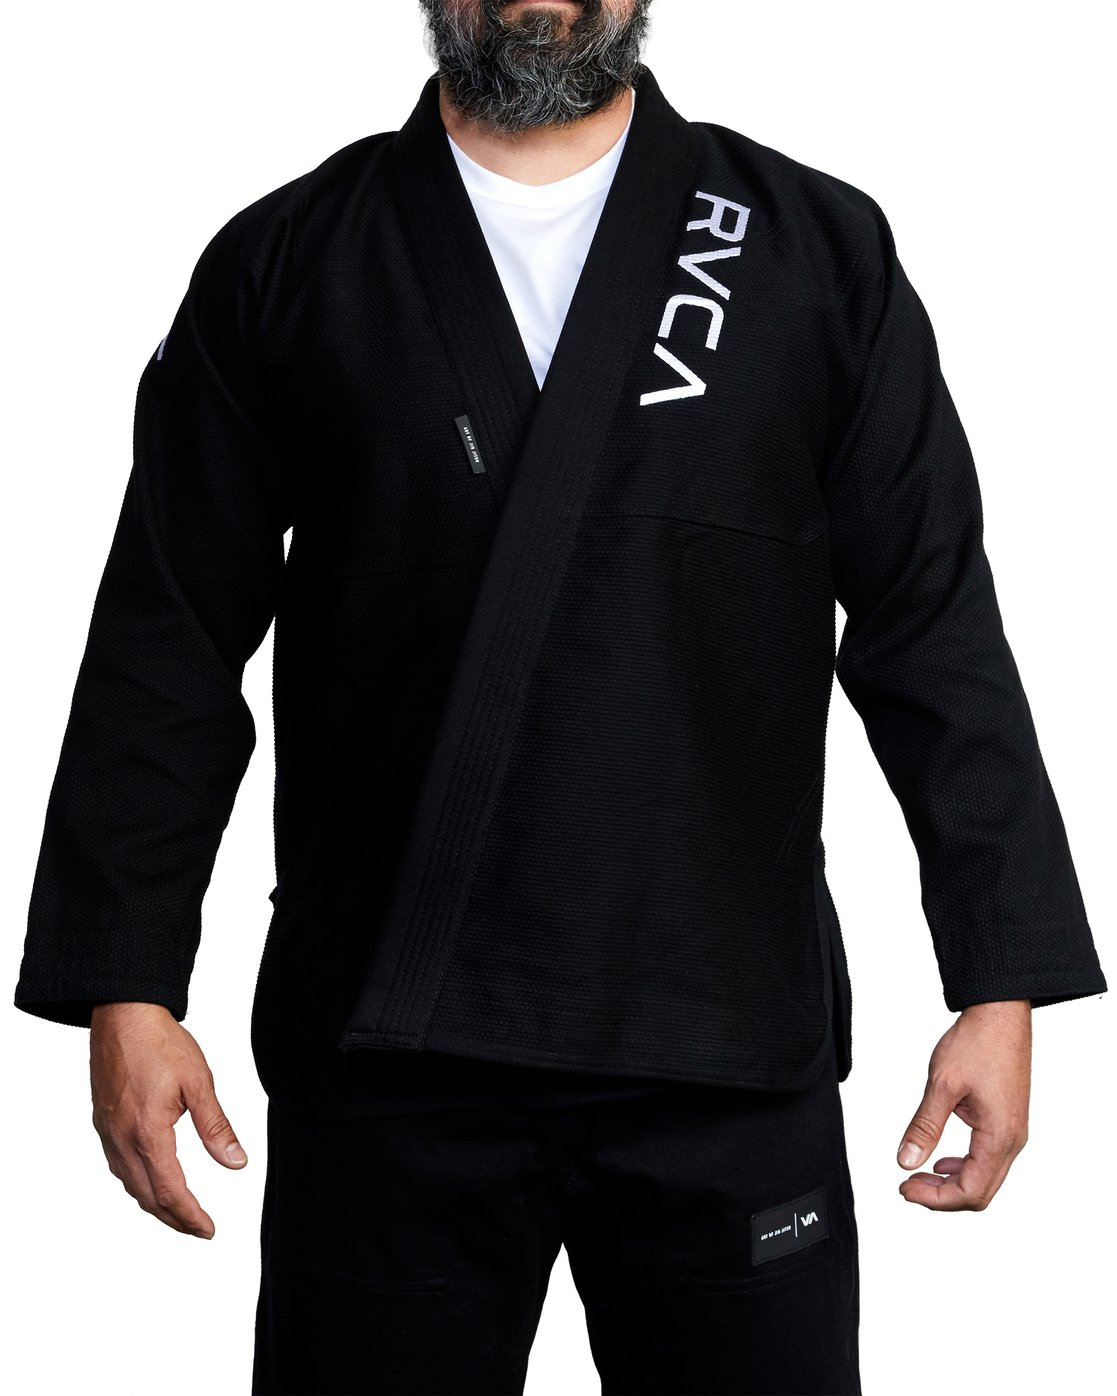 4 Art of Jiu Jitsu Gi  VZMCWRGI RVCA